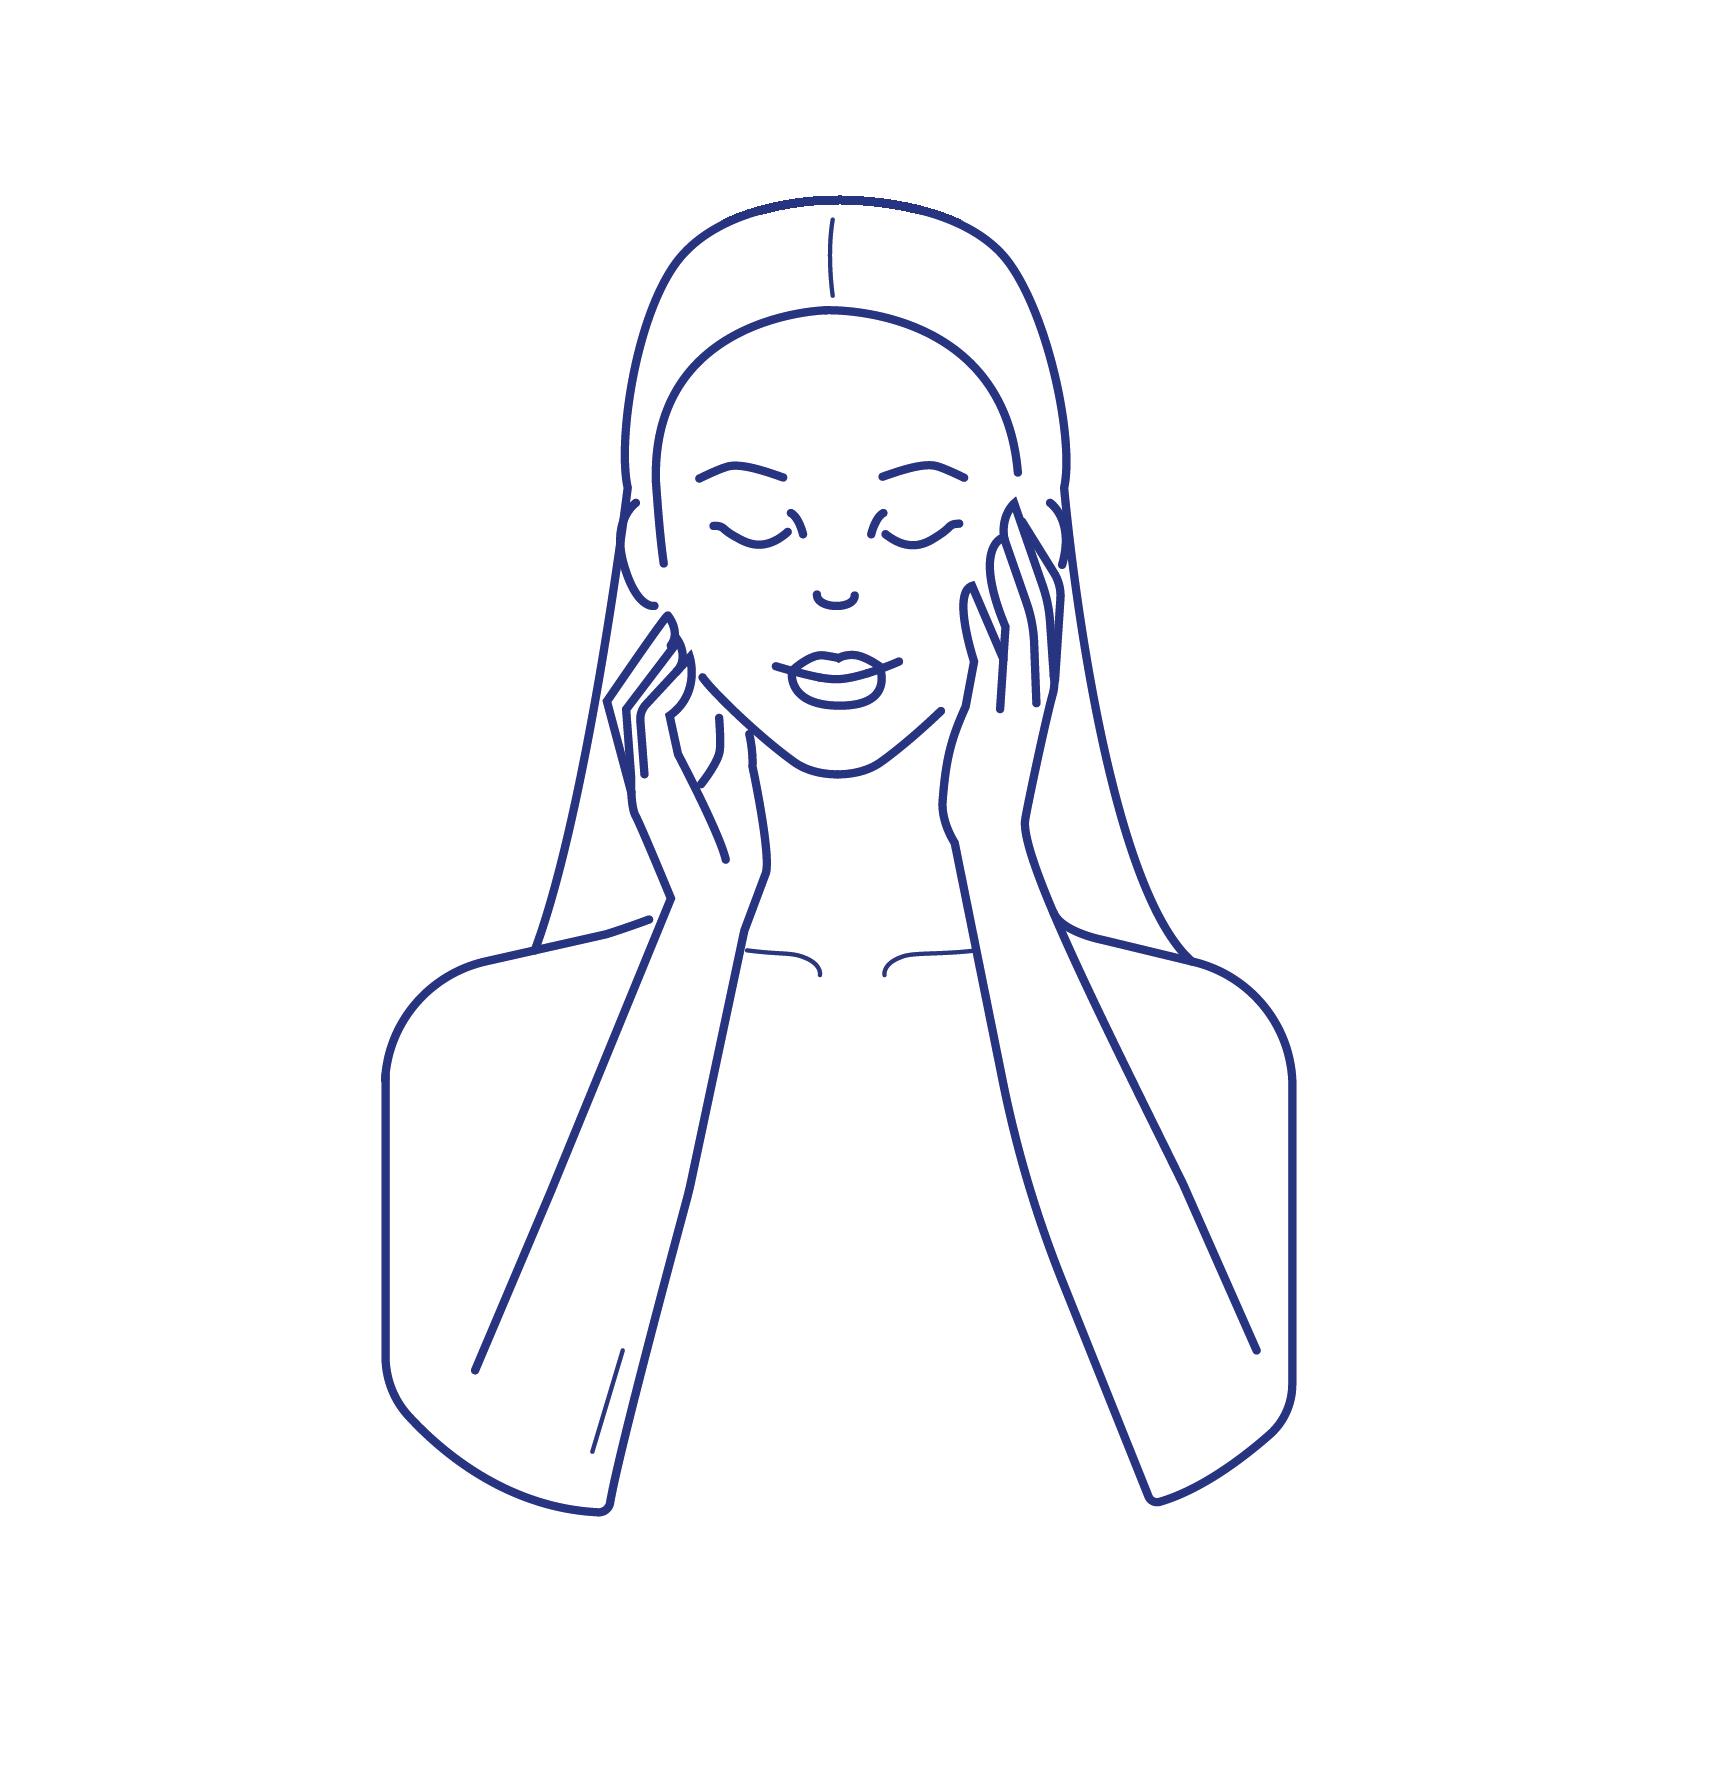 Pictogramme femme qui se touche le visage